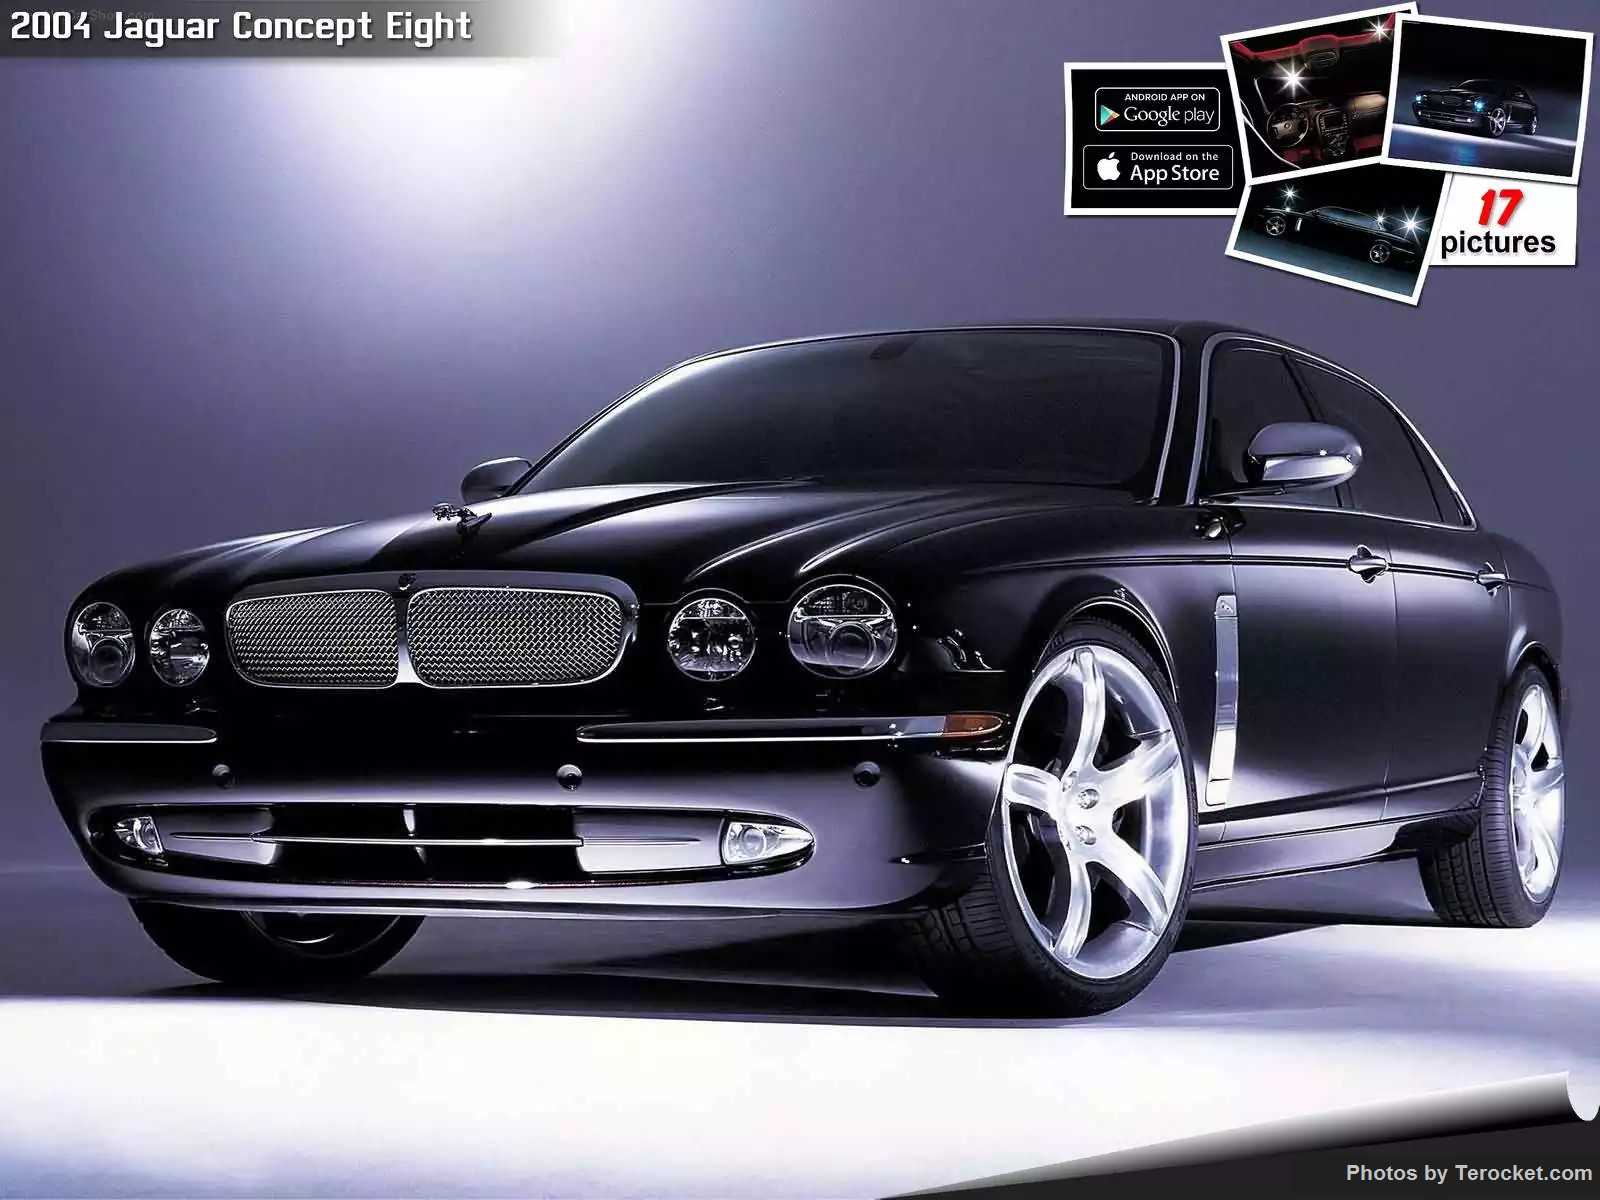 Hình ảnh xe ô tô Jaguar Concept Eight 2004 & nội ngoại thất